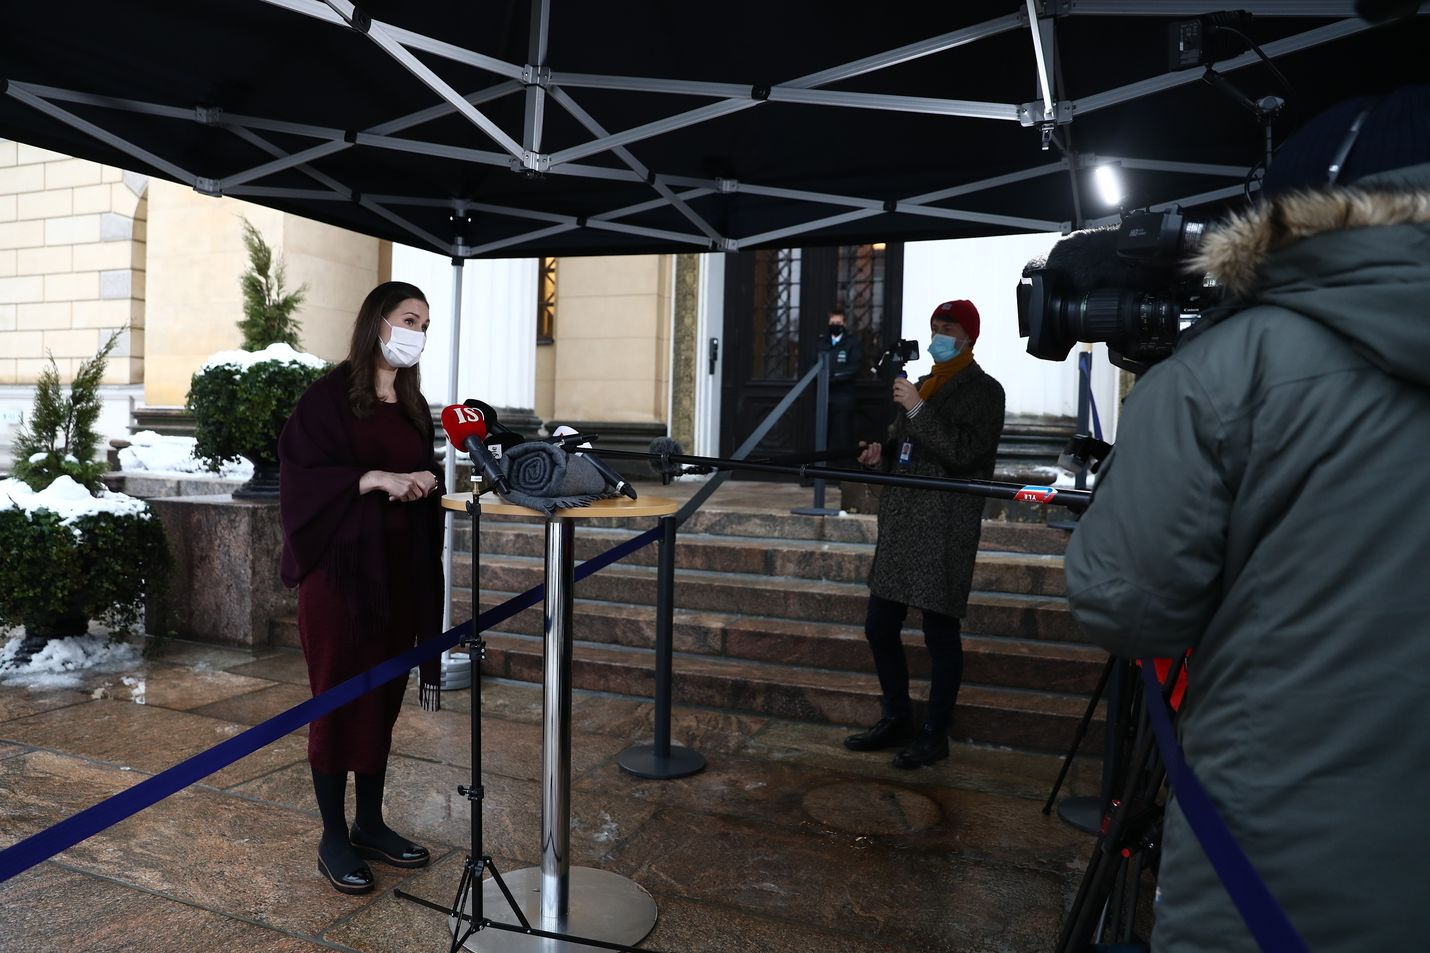 Pääministeri Sanna Marin (sd.) antoi Säätytalon portailla kommentteja tiedotusvälineille. Hänen mukaansa Suomi pyrkii löytämään naapurimaidensa kanssa kestäviä ja pidempiaikaisia ratkaisuja koronarajoituksiin.